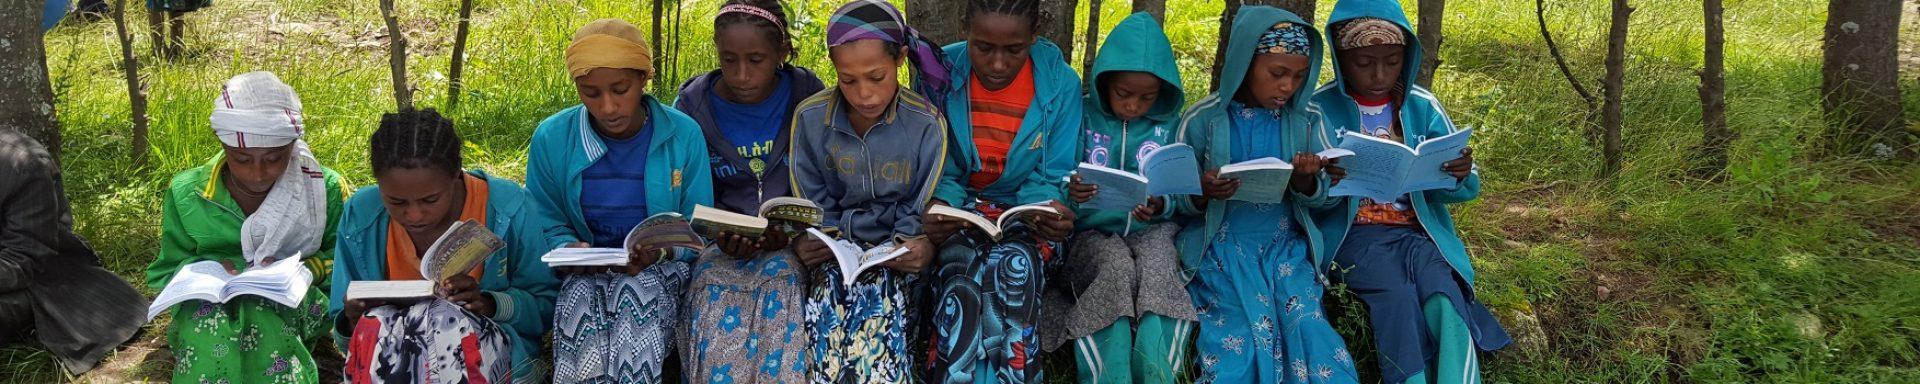 Negen kinderen zitten in het gras een boek te lezen in Ethiopië.